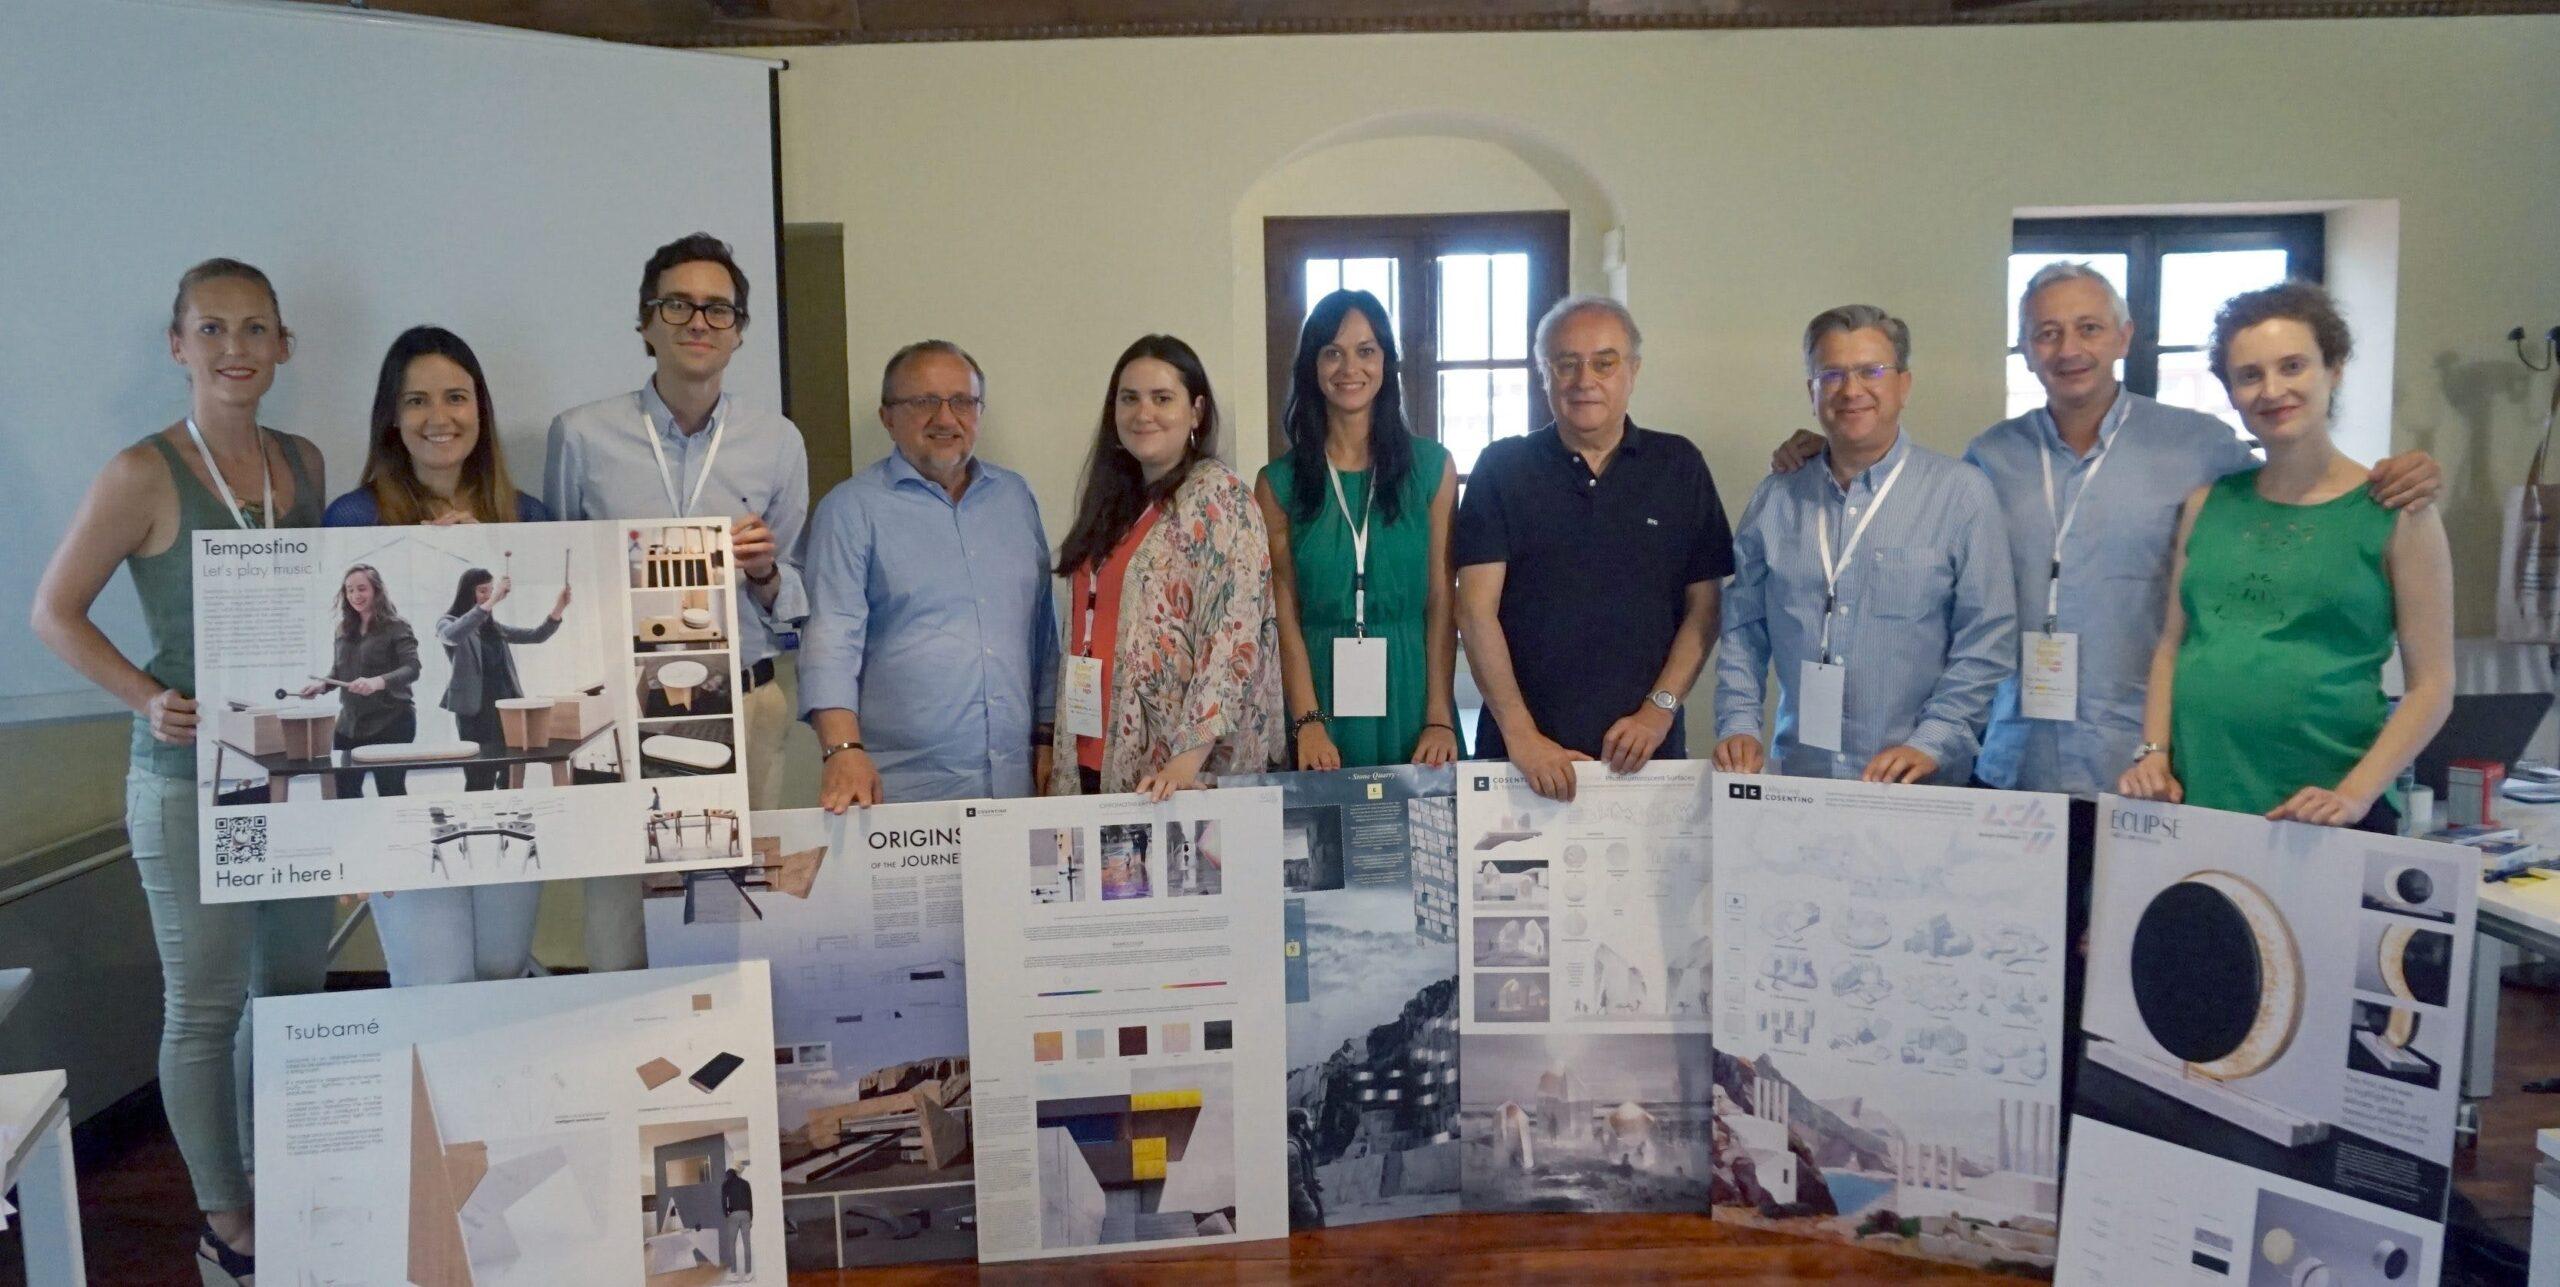 Image of Jurado y Organizacion CDC11 e1497009523565 1 3 scaled in Cosentino announces the winners of the 11th Cosentino Design Challenge - Cosentino